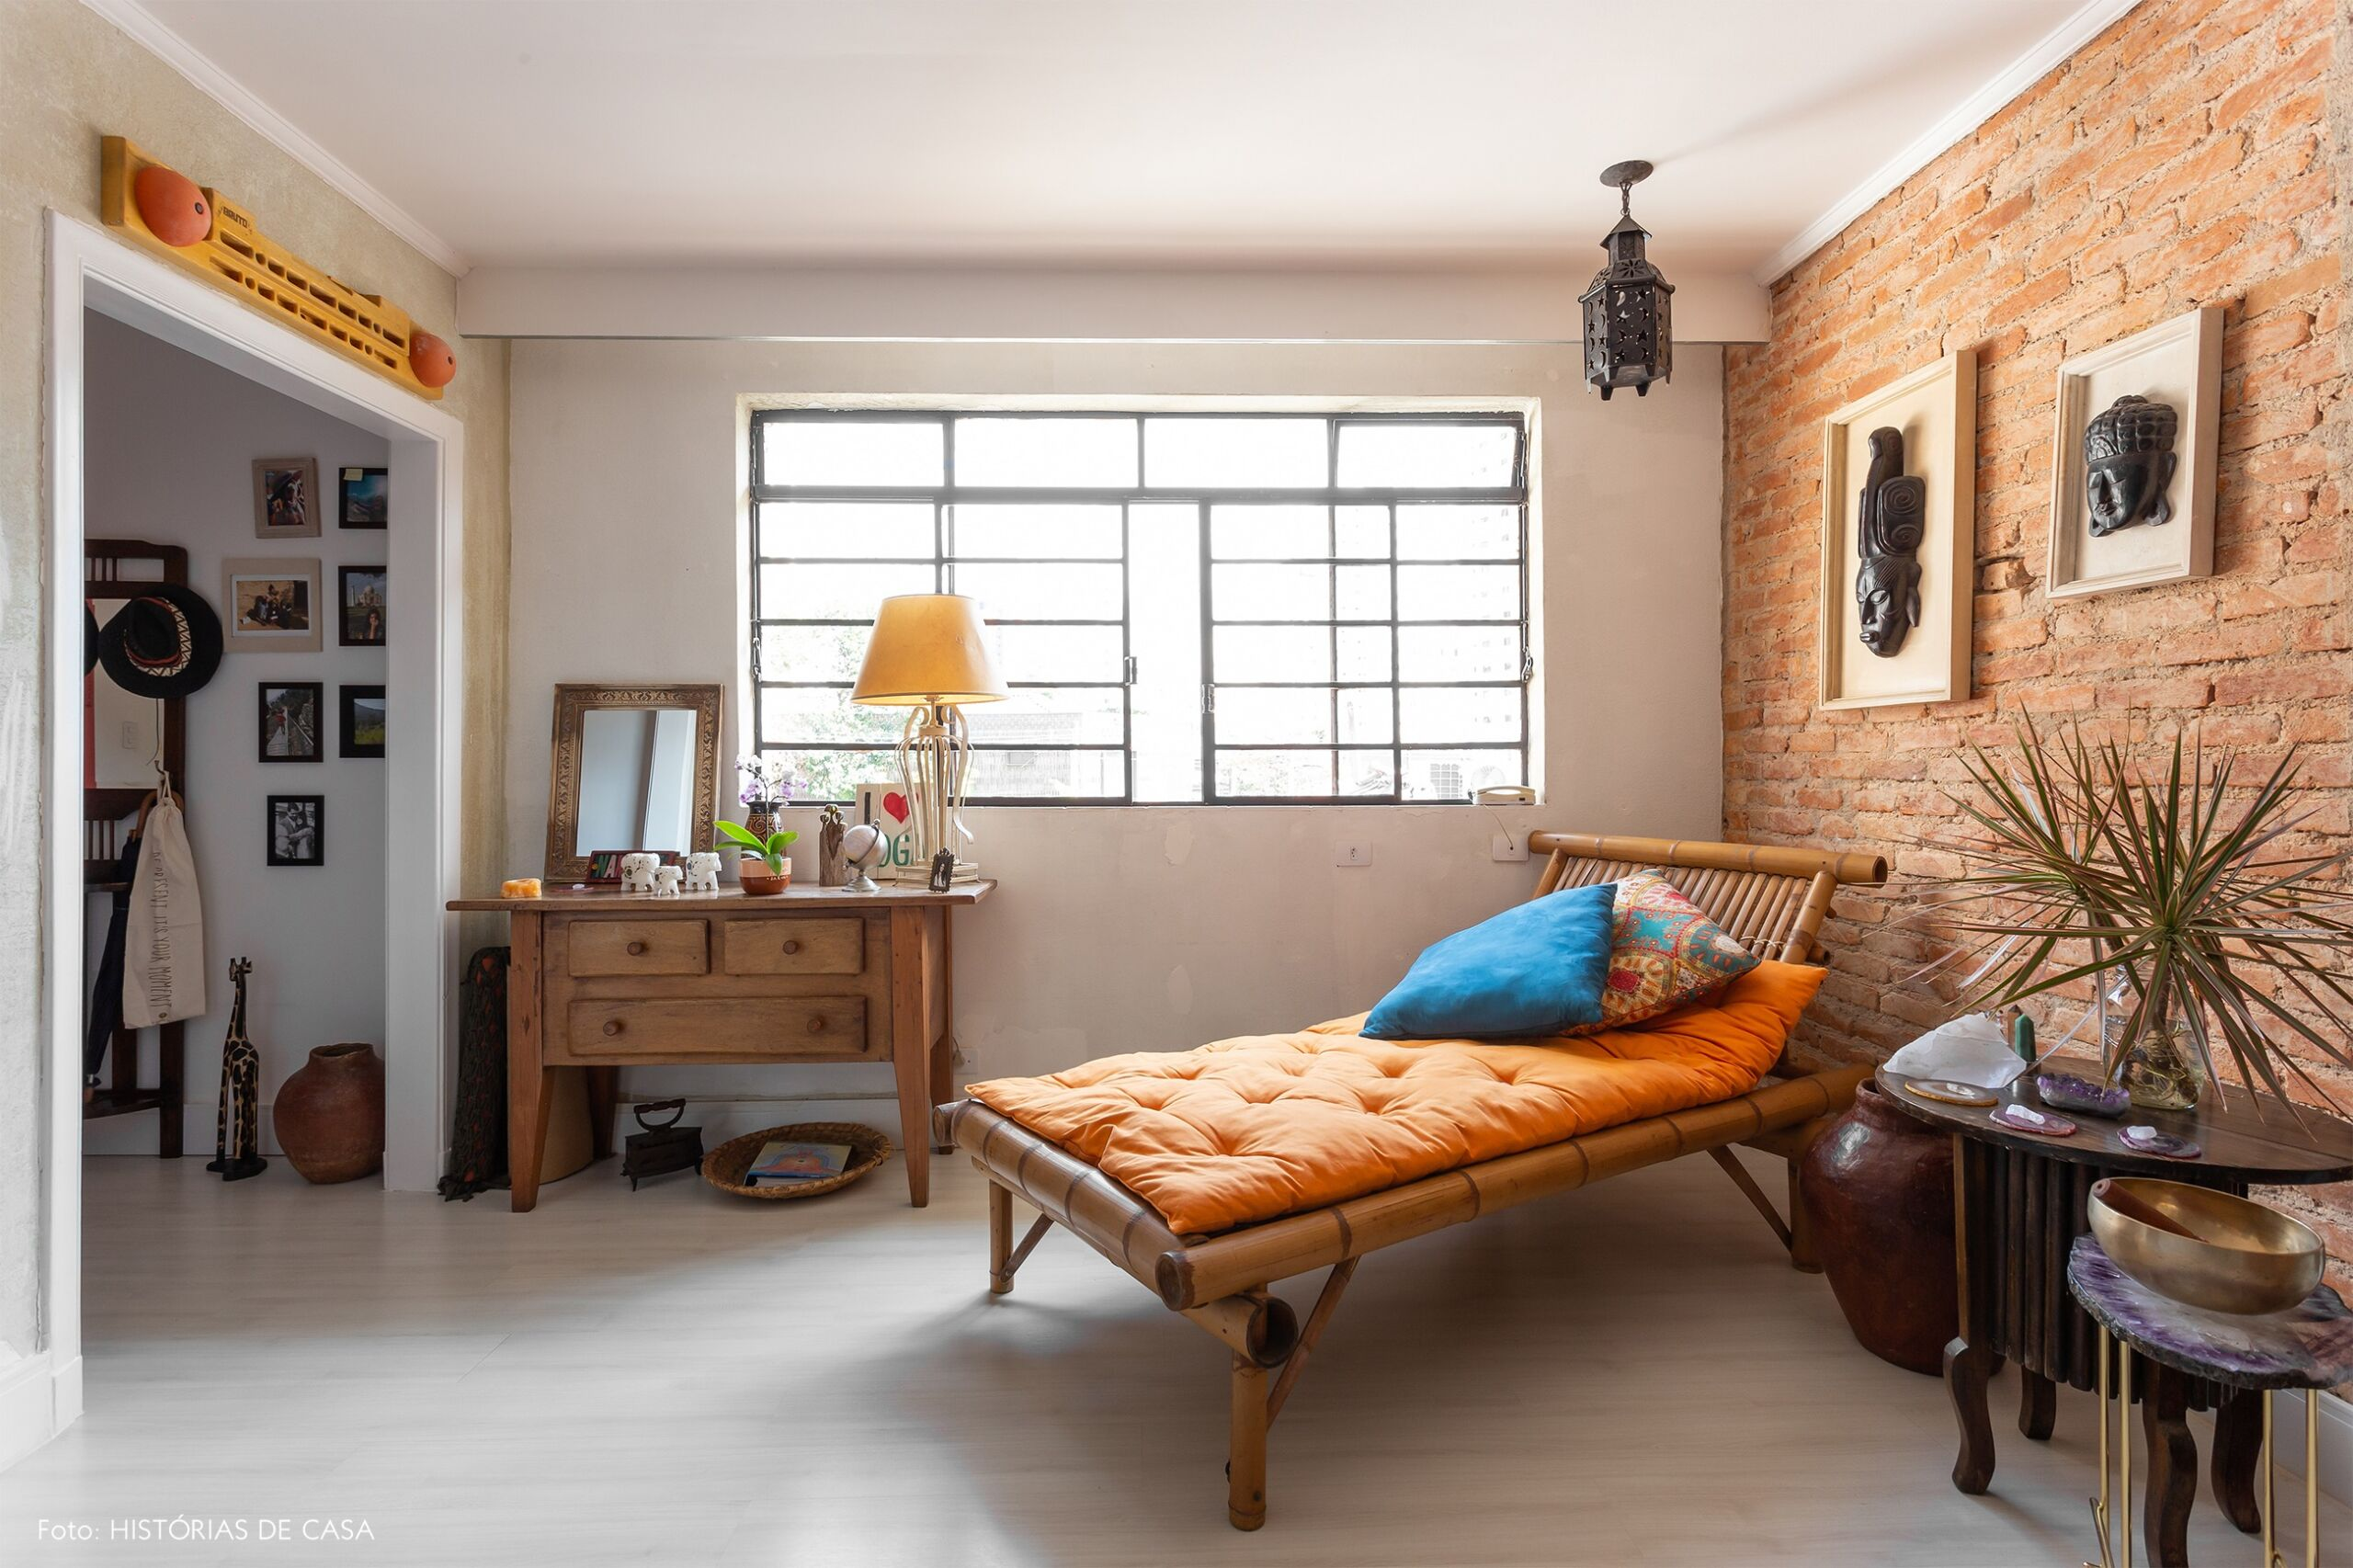 Apartamento com parede de tijolinhos e piso claro